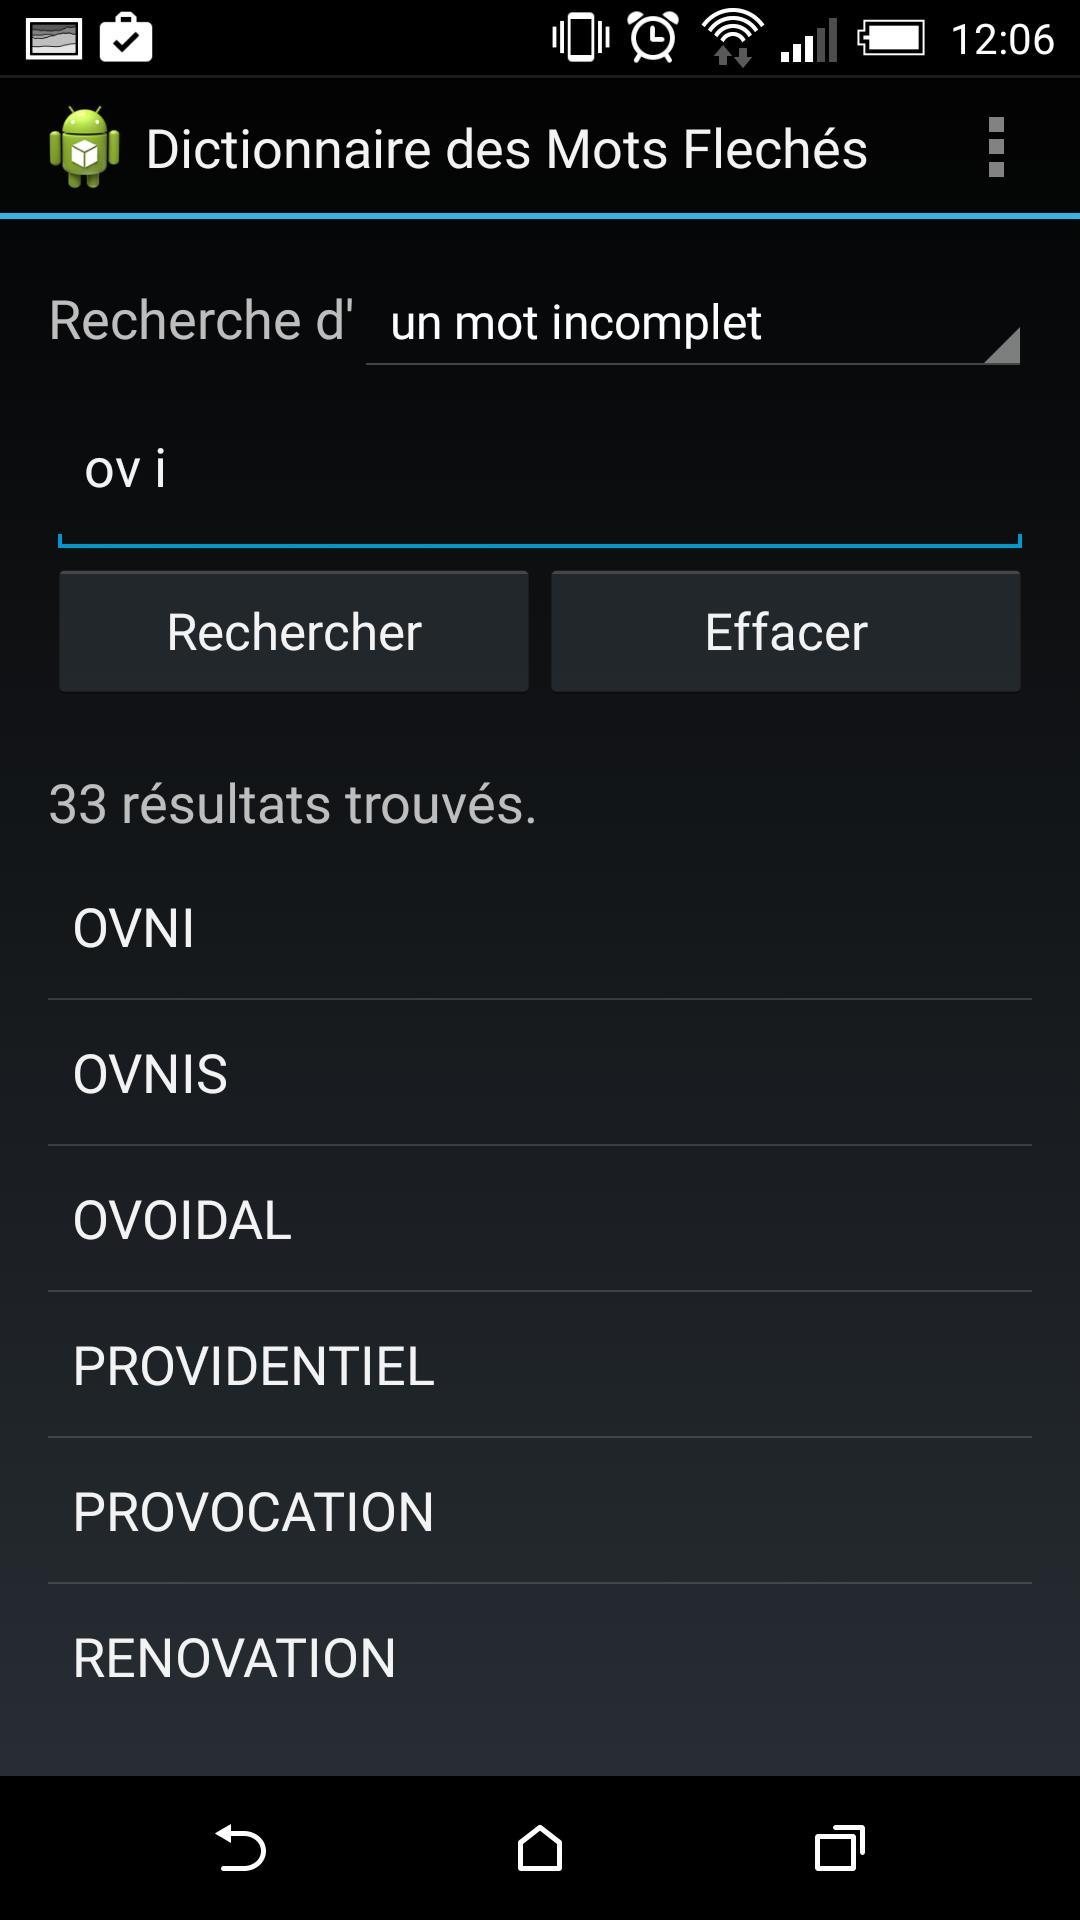 Dictionnaire Des Mots Fléchés For Android - Apk Download intérieur Définition Des Mots Fléchés